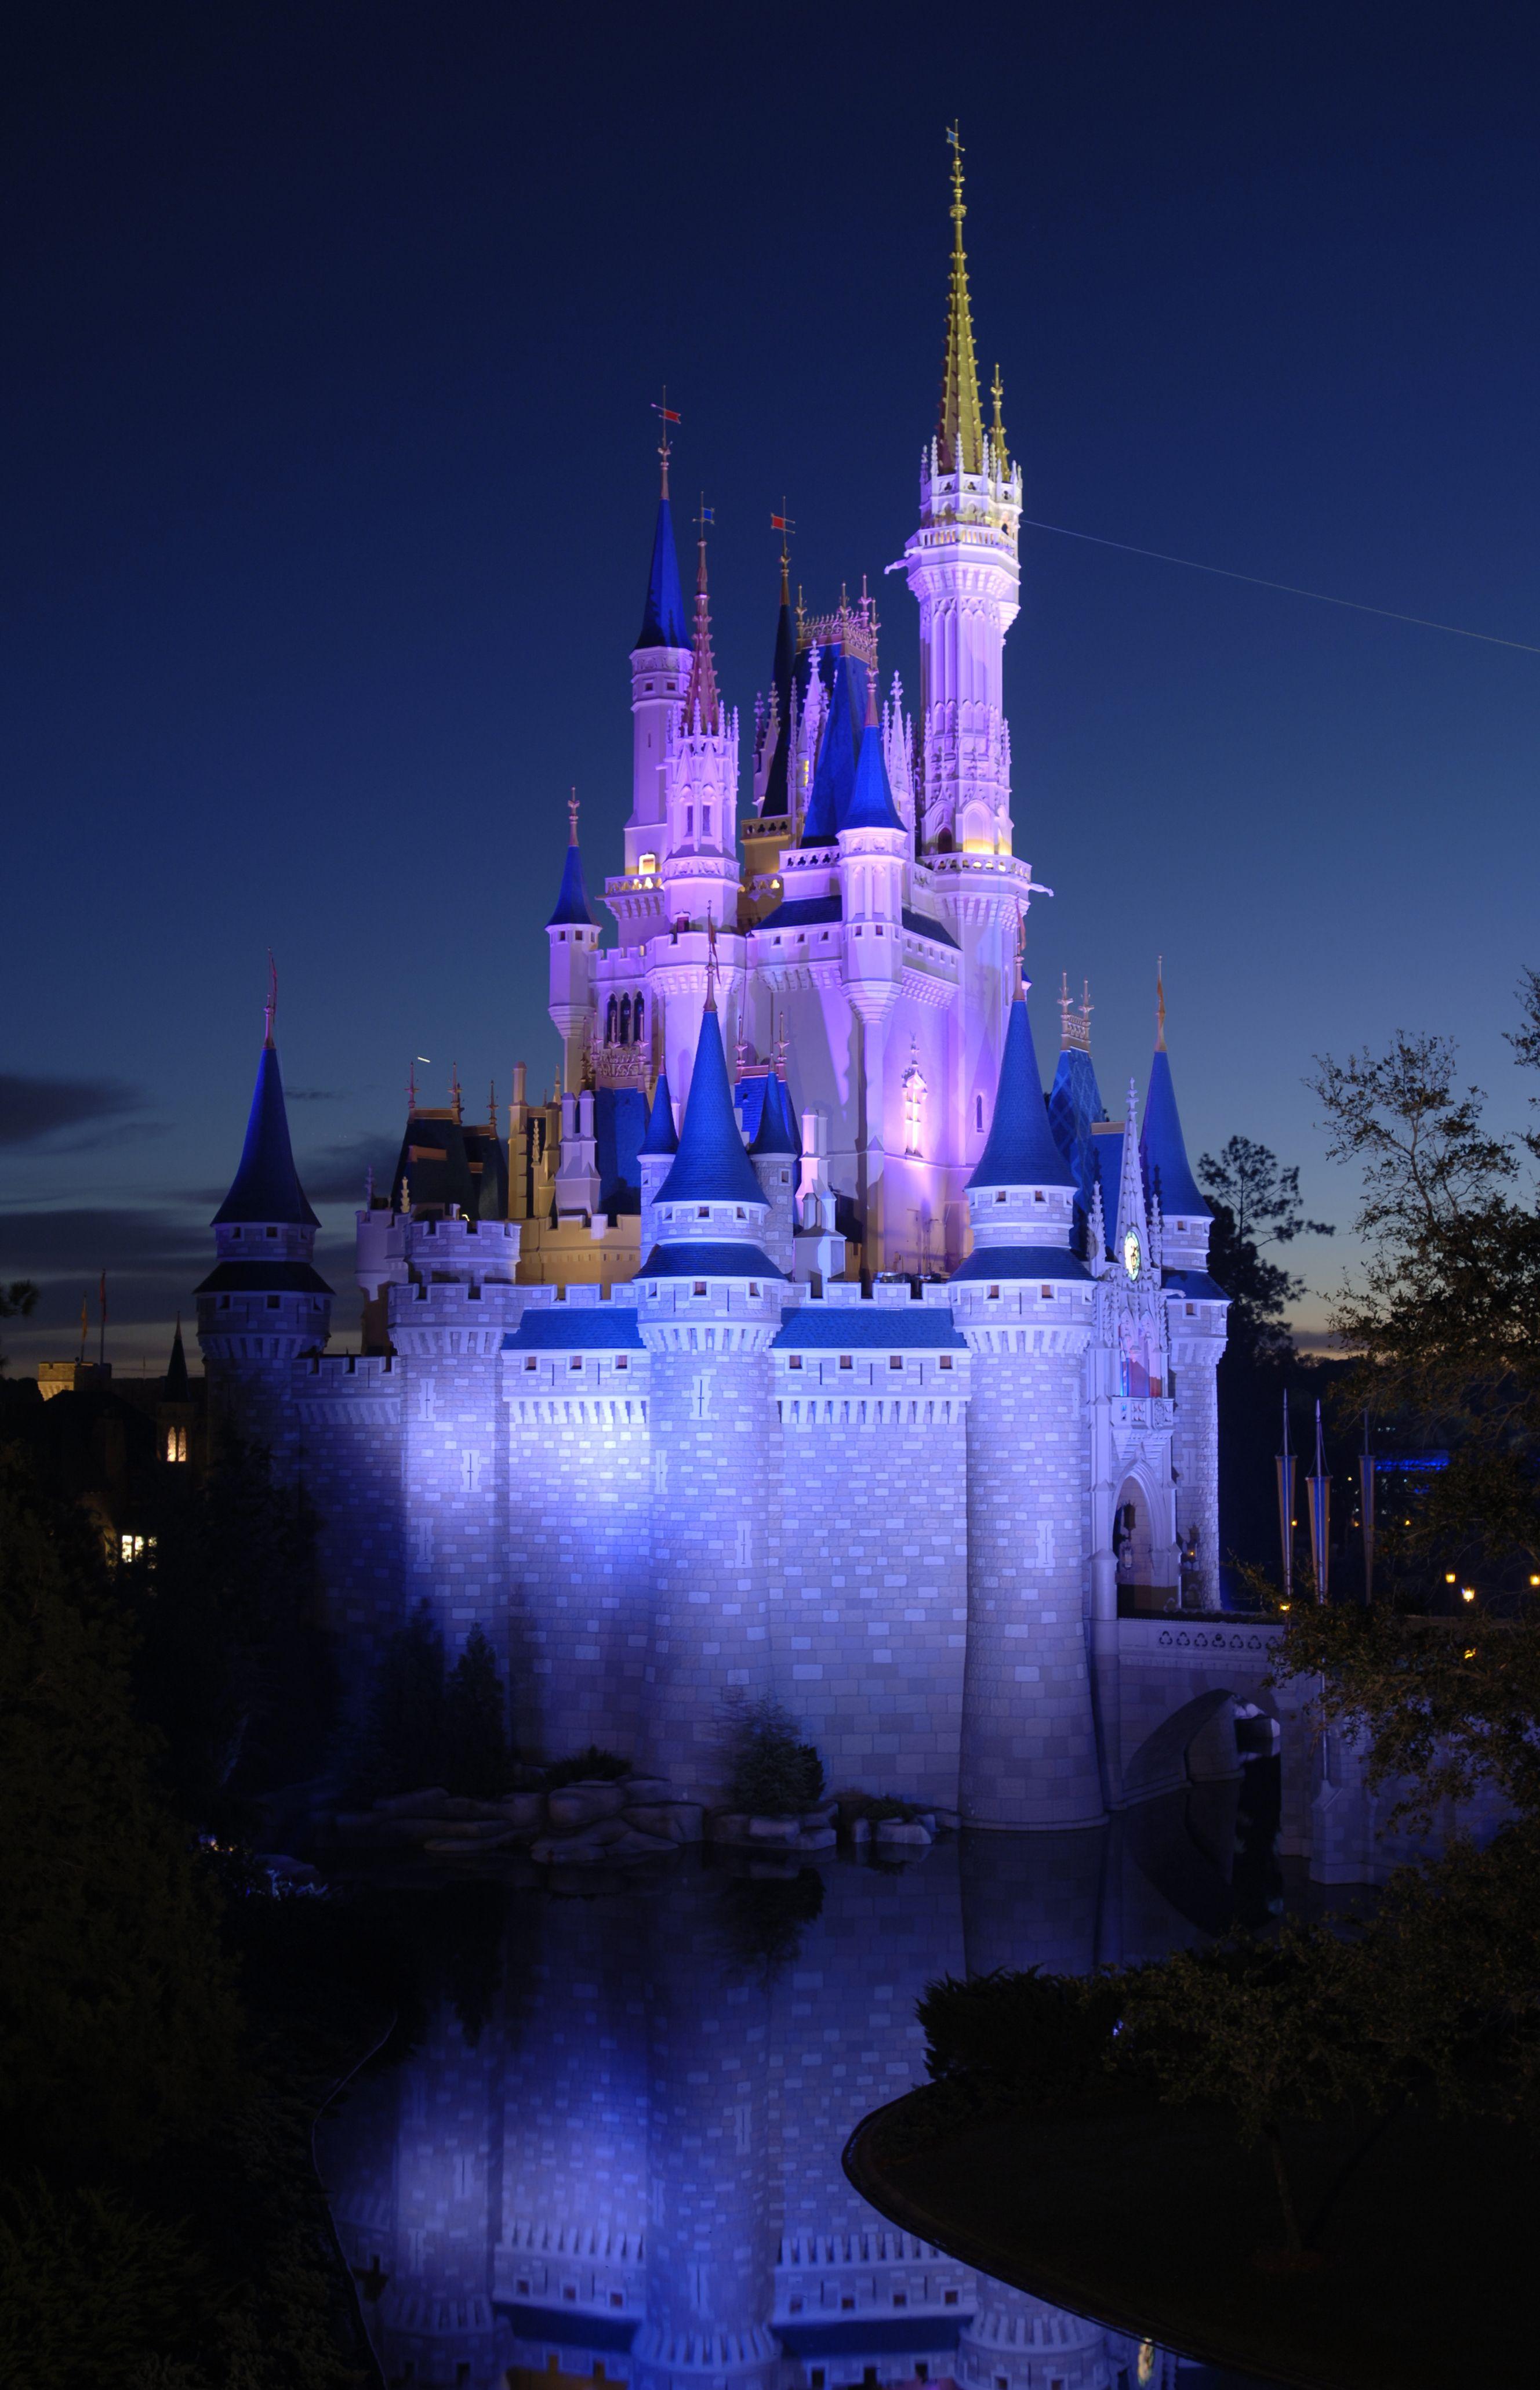 Castelo Da Cinderela Vira Cenario Para Casamentos Com Imagens